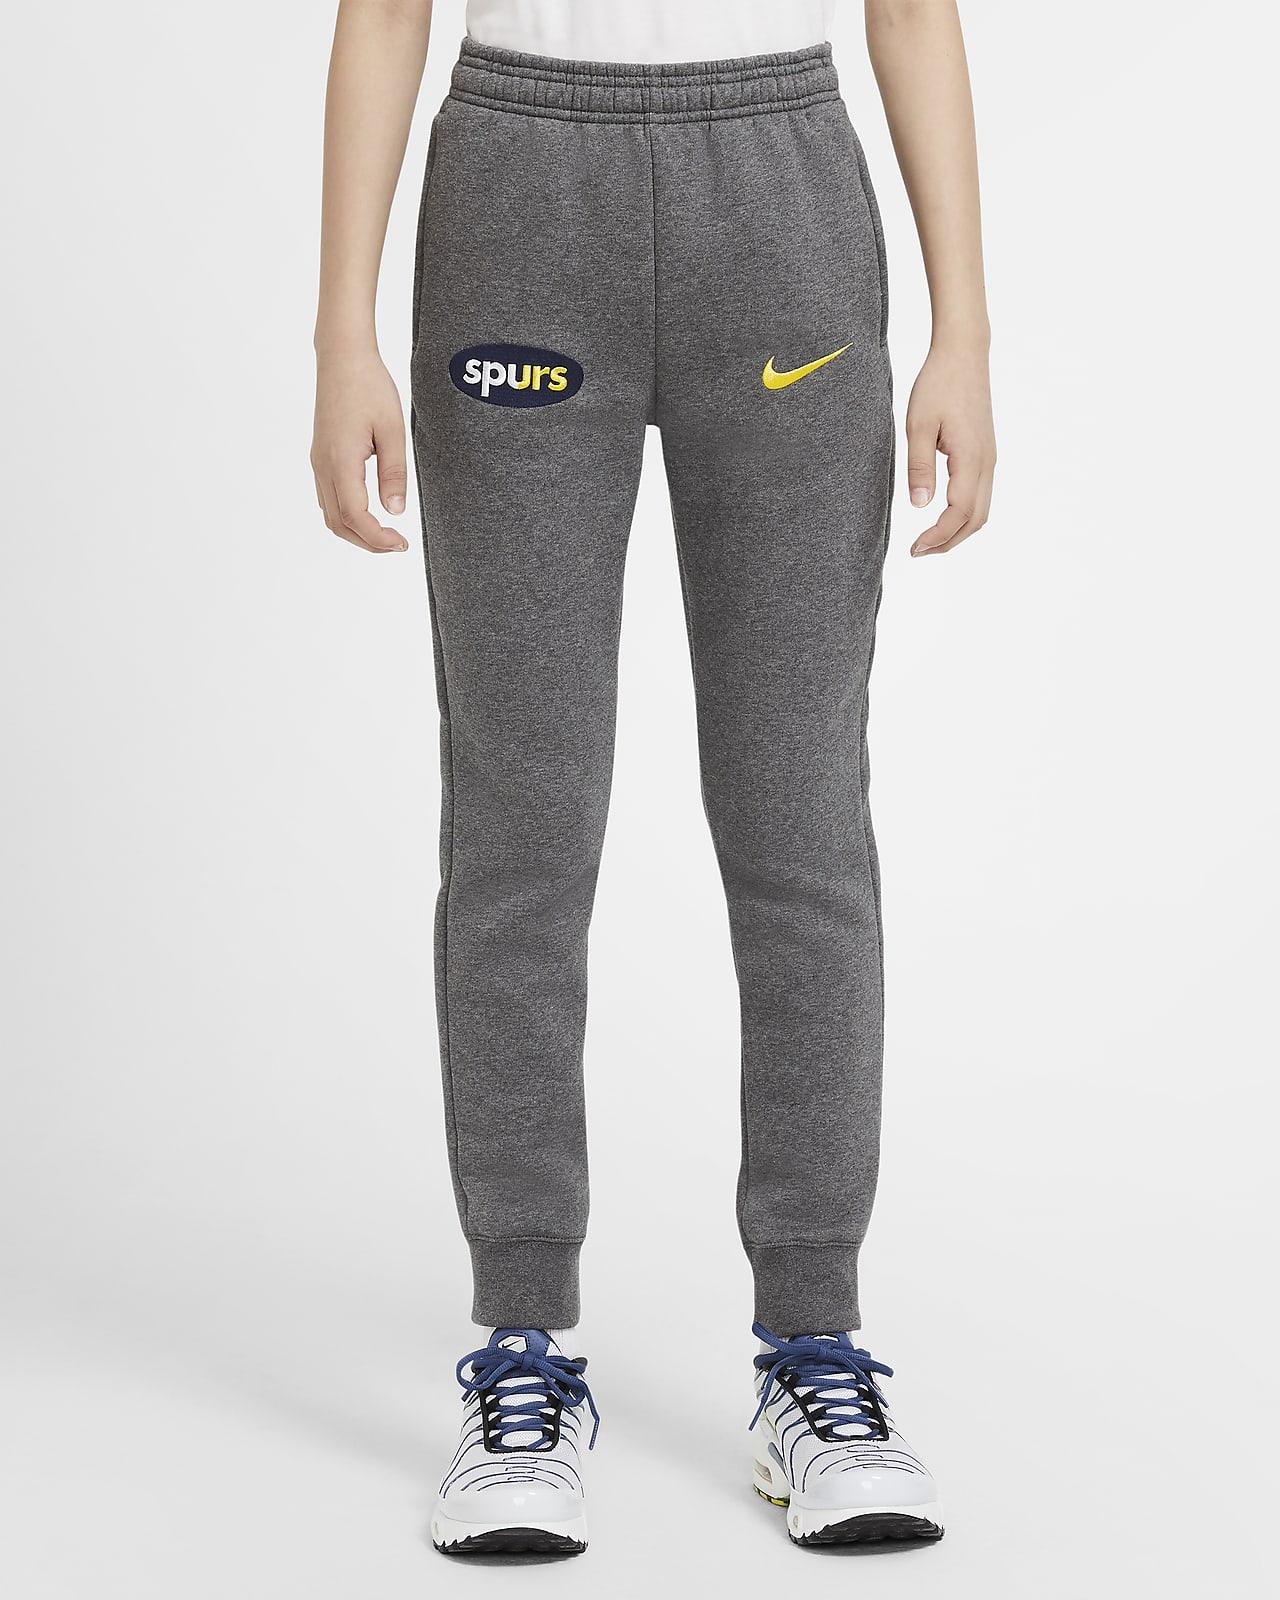 Tottenham Hotspur Pantalons de teixit Fleece de futbol - Nen/a